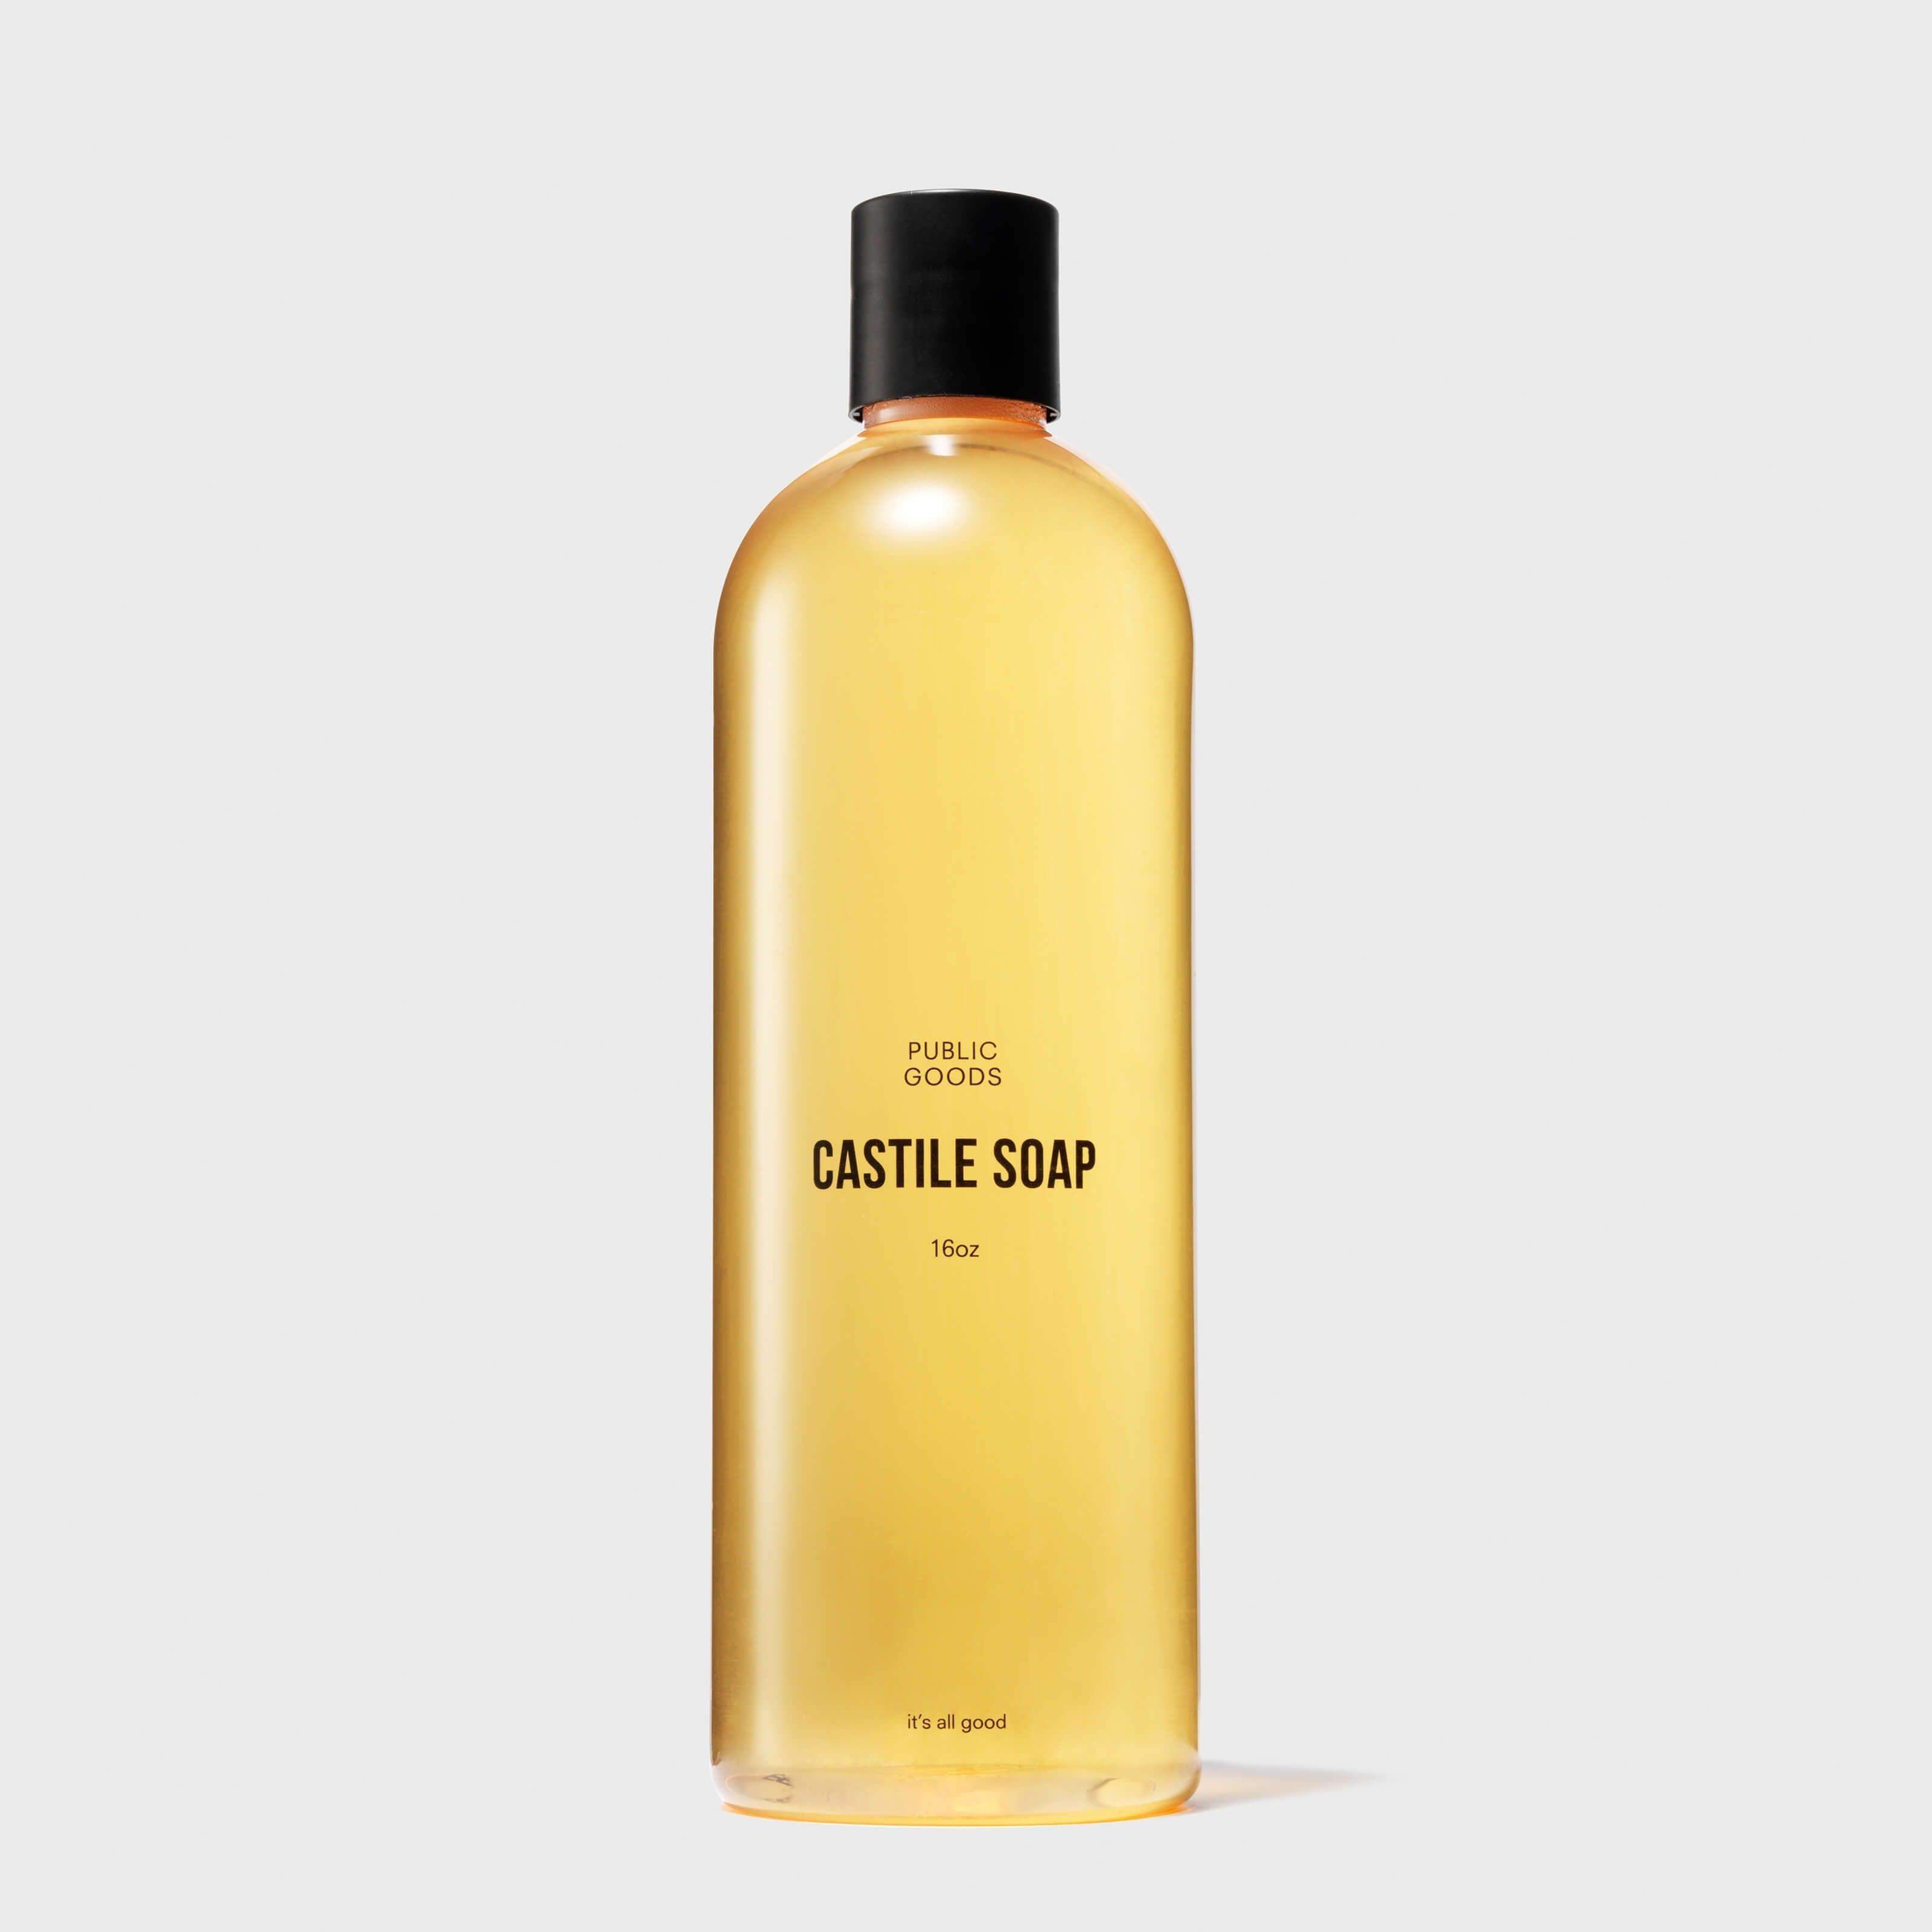 public goods castile soap bottle